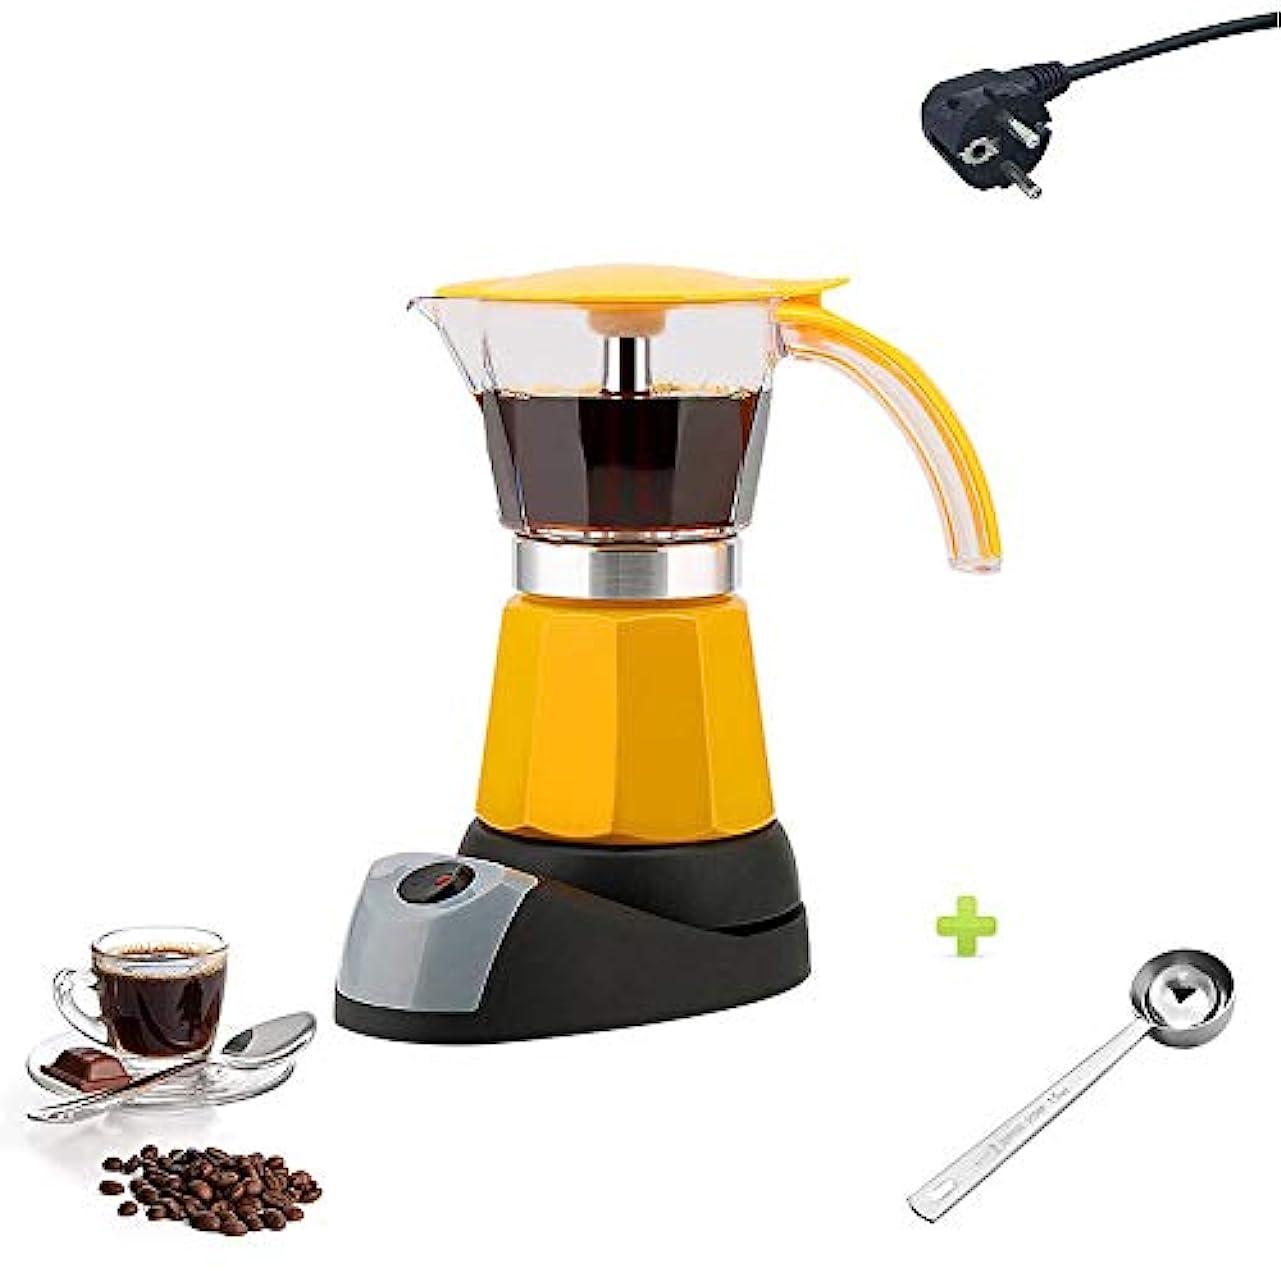 無関心タービン降ろす電気コンロエスプレッソメーカー、6カップ480W断熱乾燥防止お手入れ簡単、スプーン付きコーヒーメーカー,イエロー